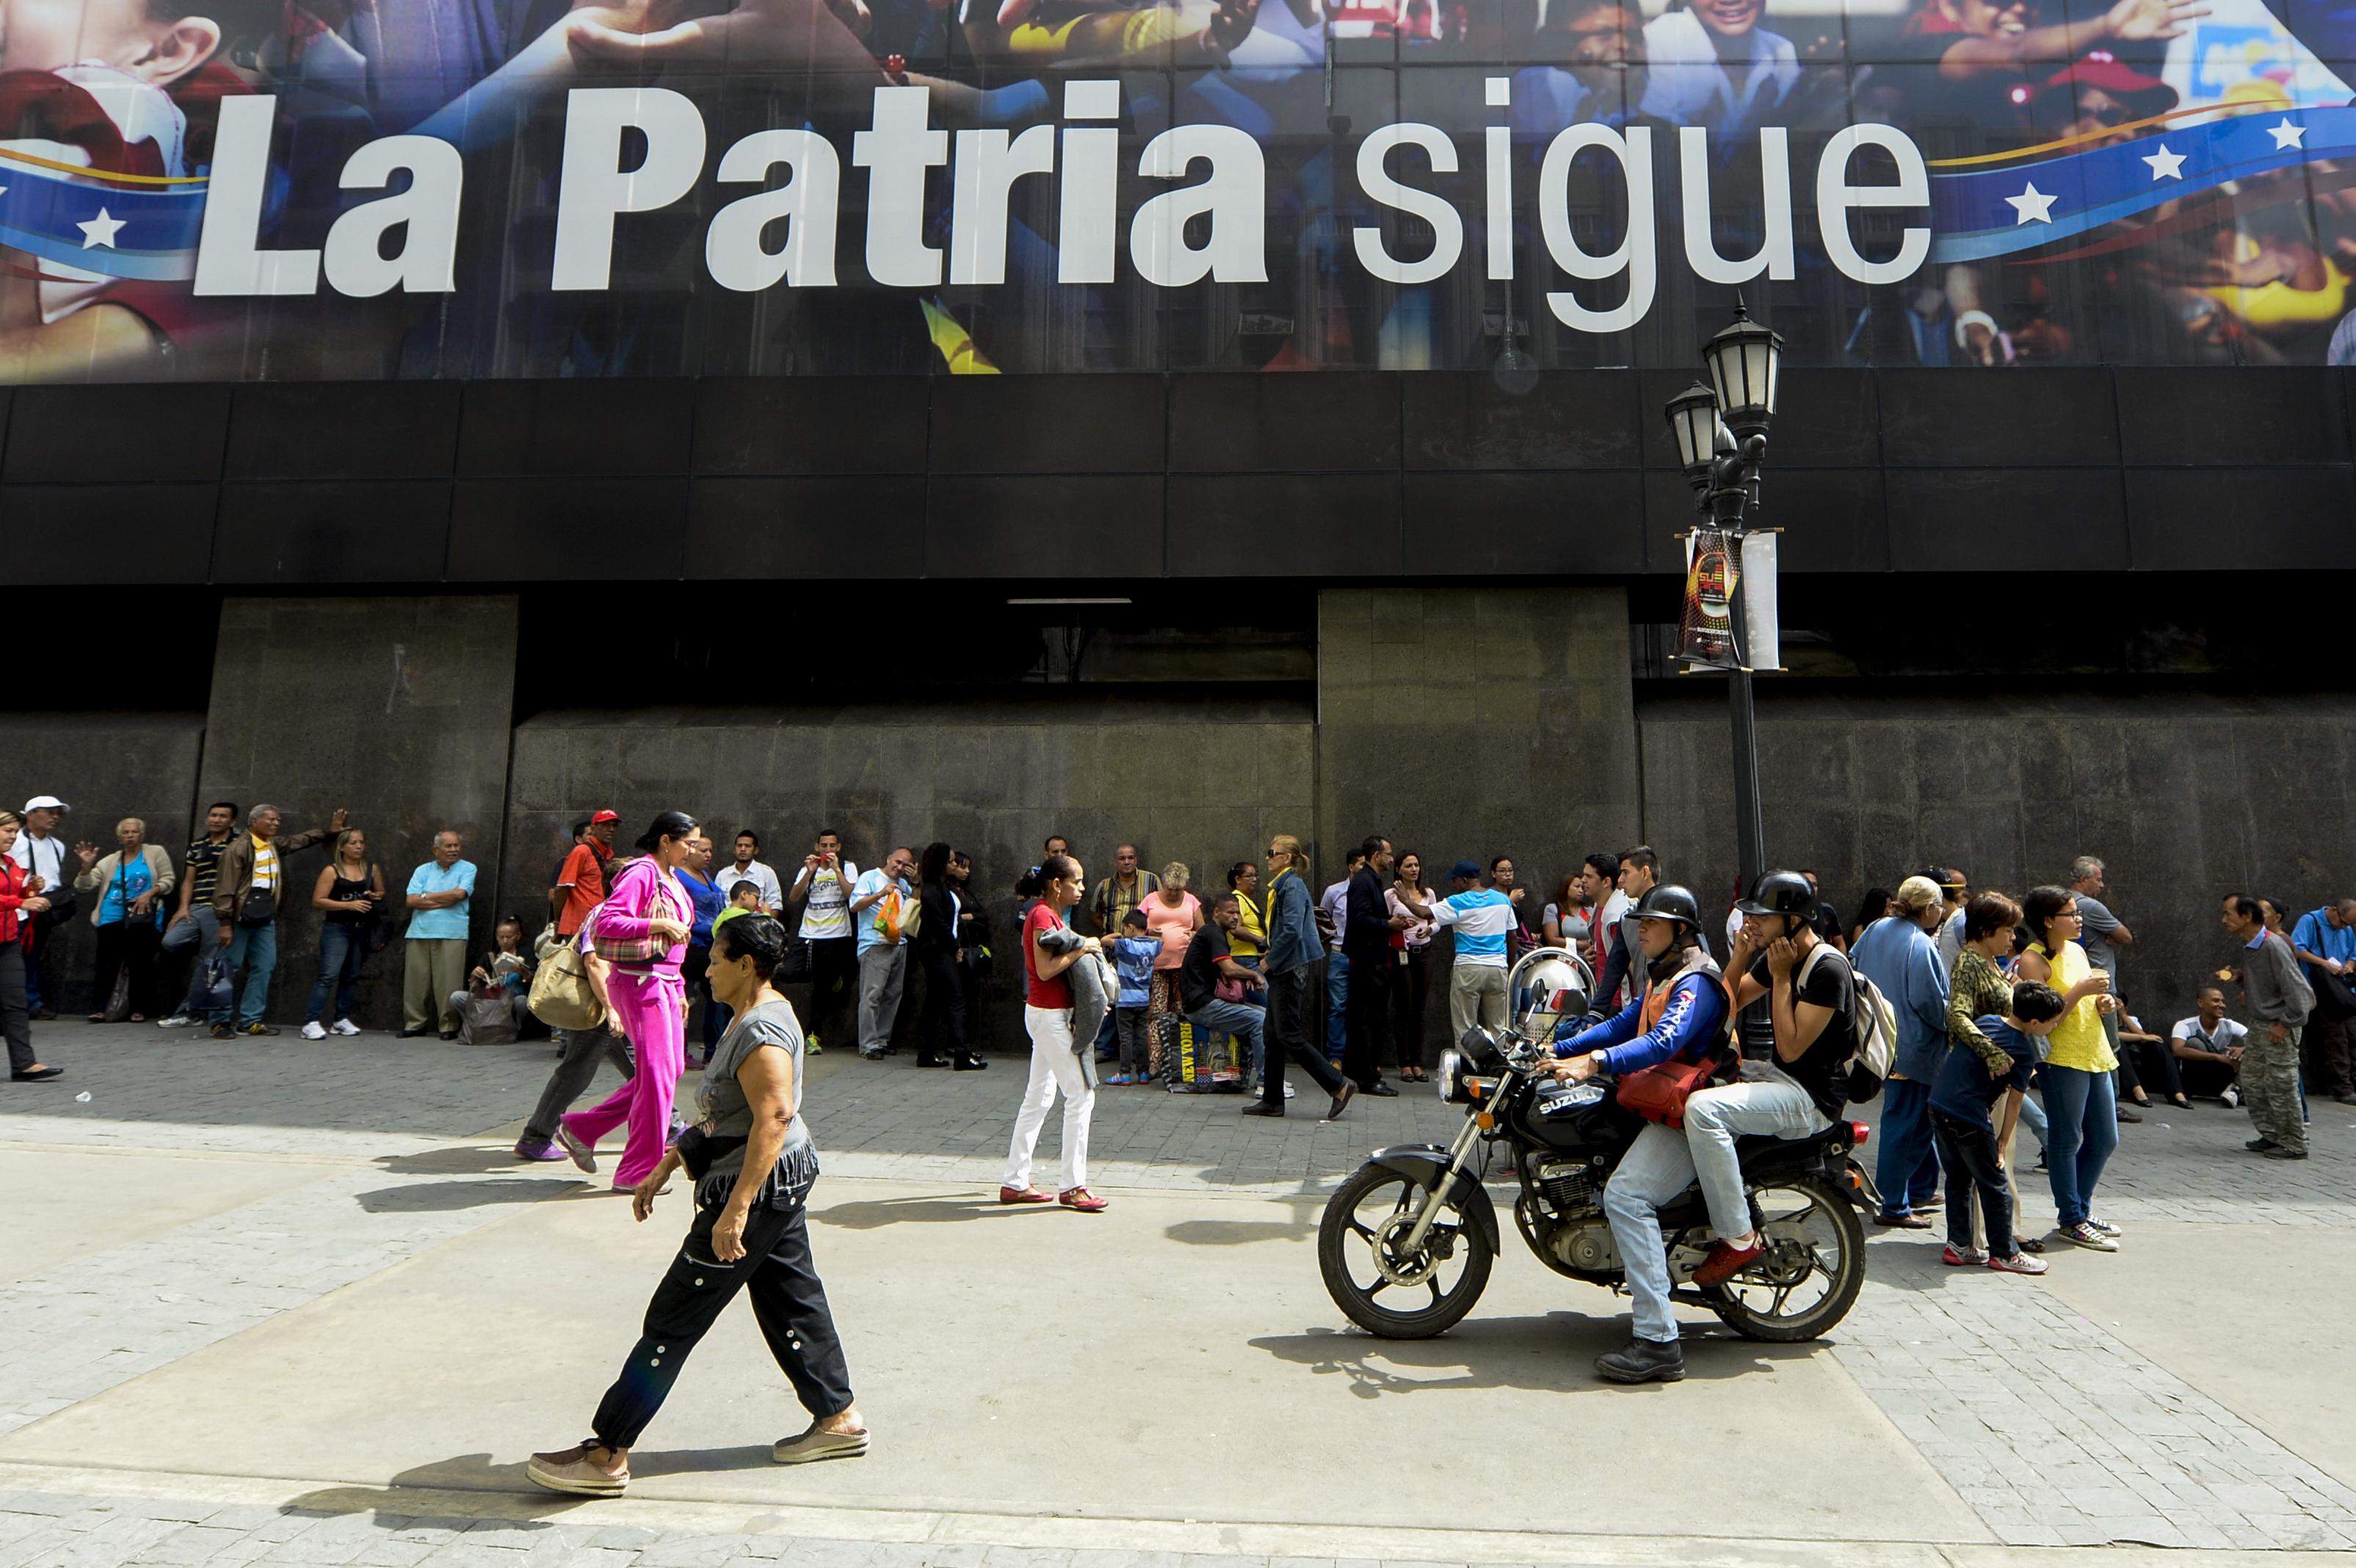 """Tömegek állnak a bankok előtt sorba miután Maduro elnök lezáratta a kolumbiai határt, hogy az """"ország tönkretételén dolgozó amerikai kommandók"""" ne juthassanak be"""